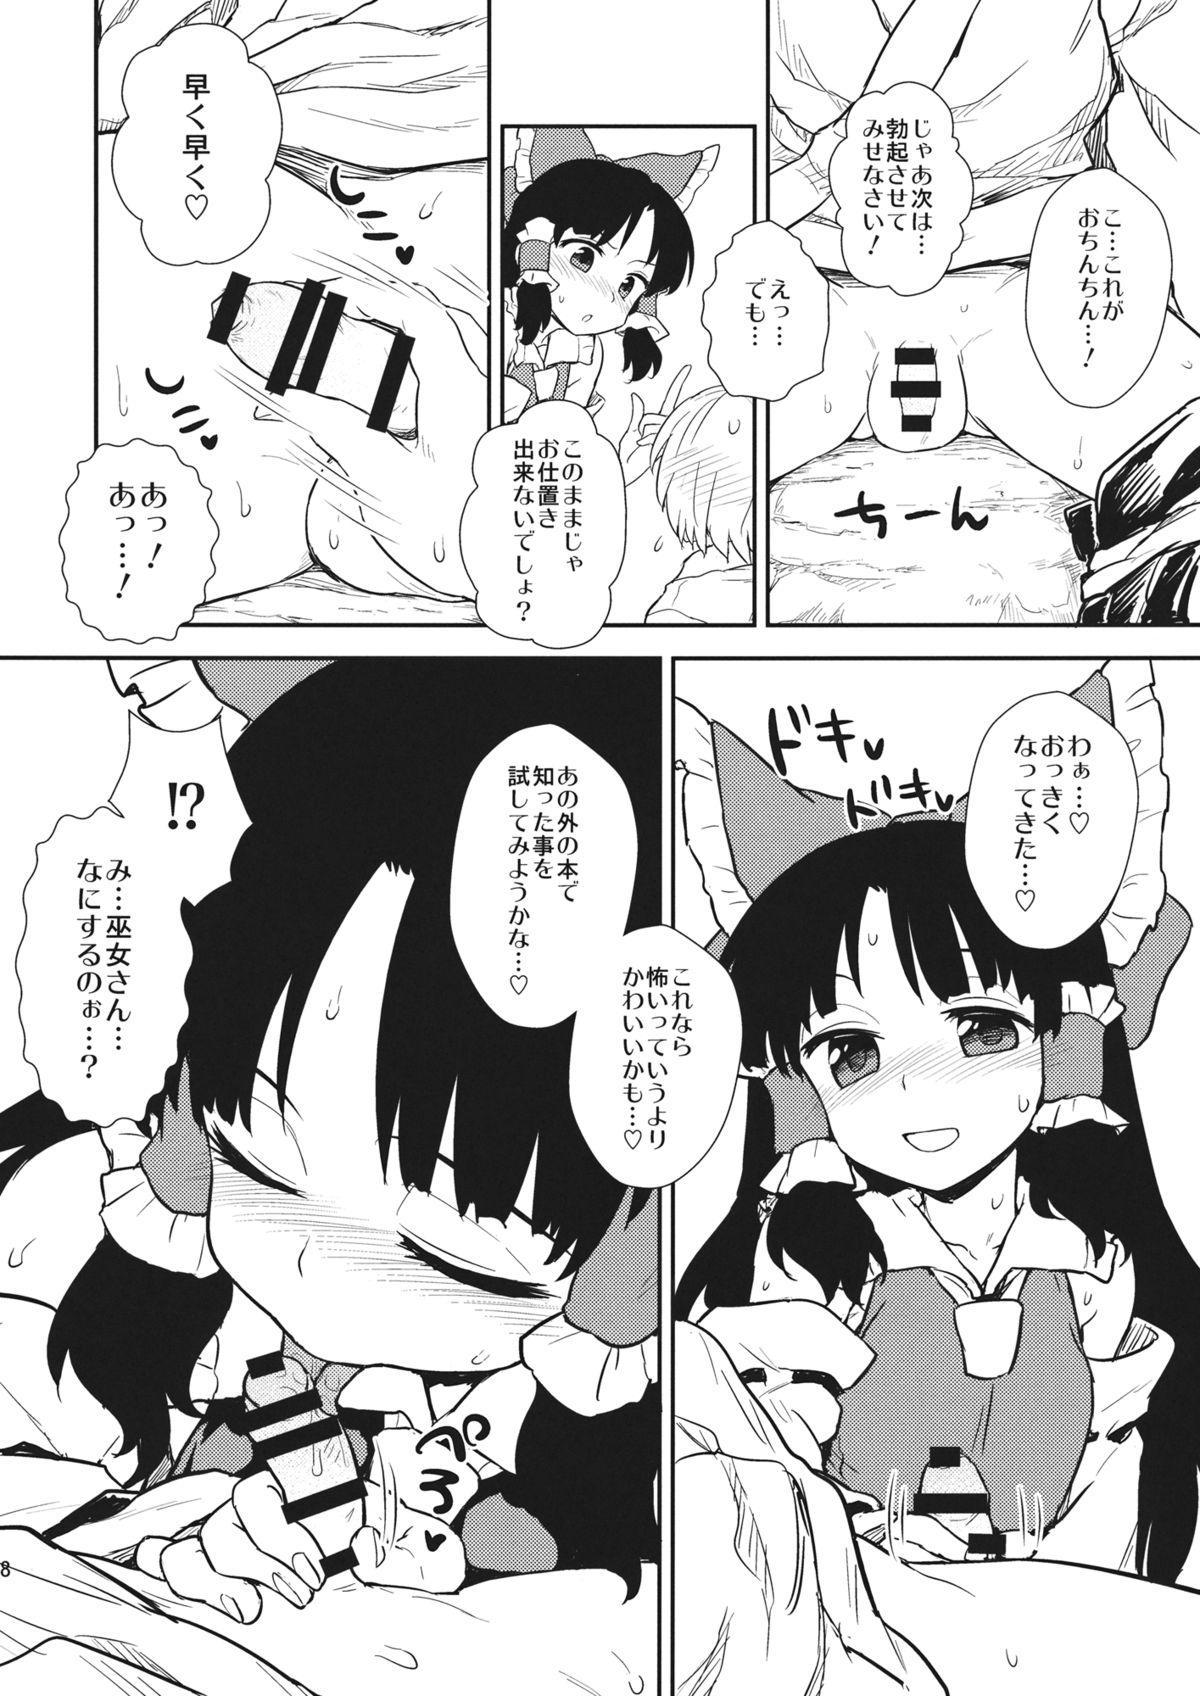 Otoshigoro no Reimu-san 16